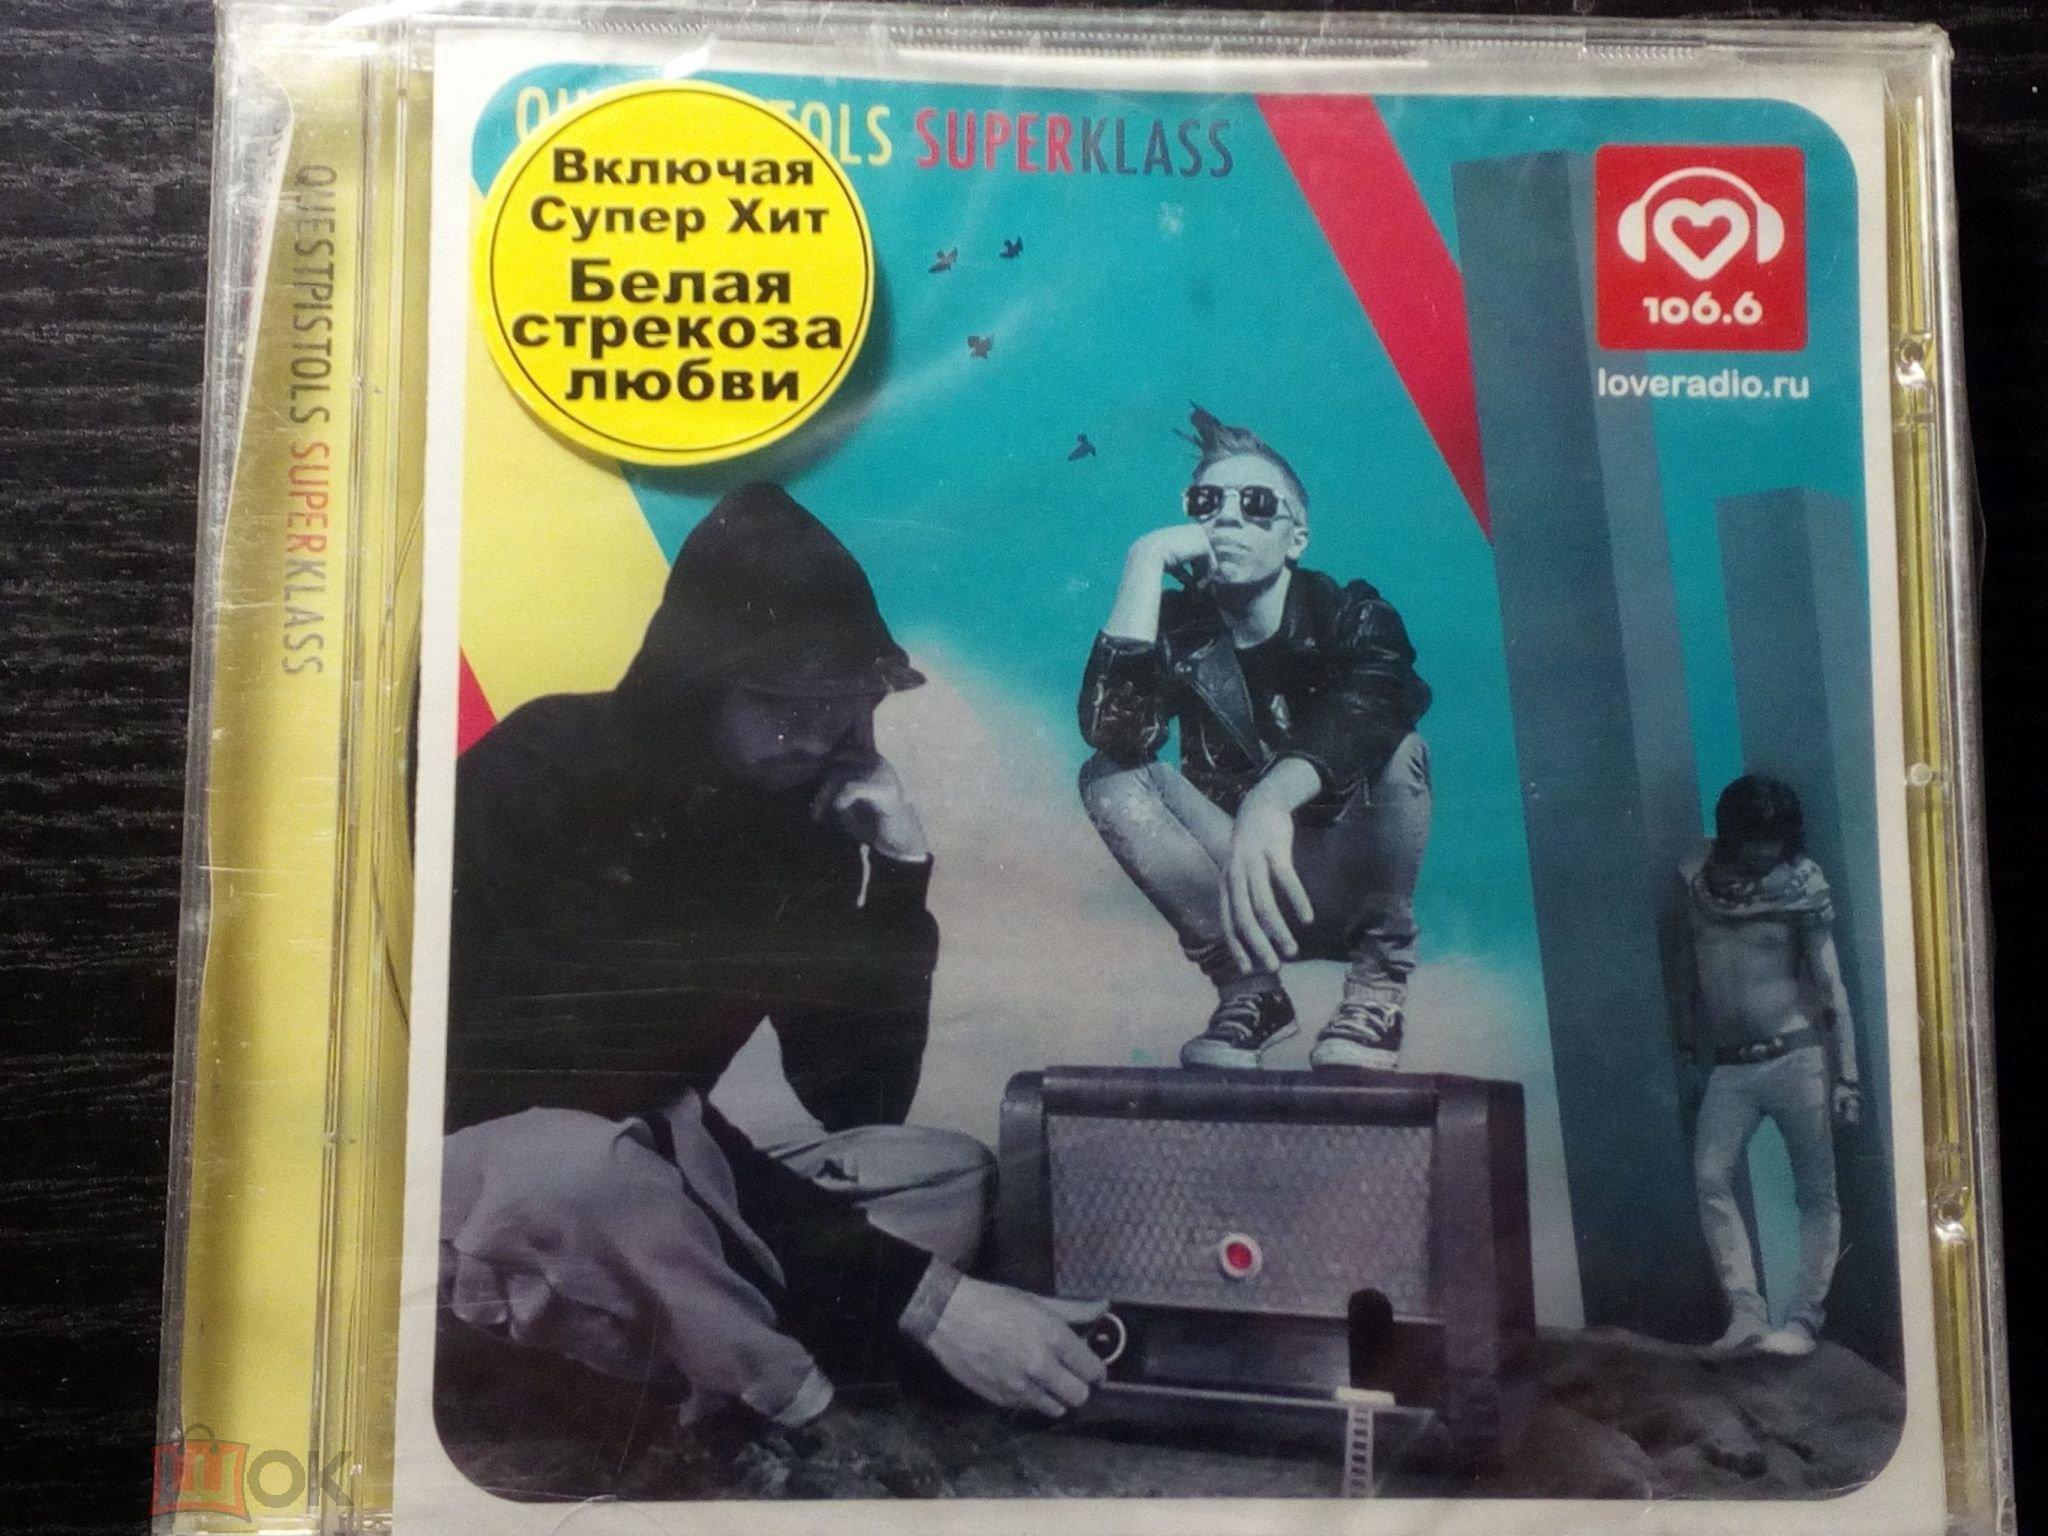 CD - QUESTPISTOLS - Superklass  ( Ikra Music )